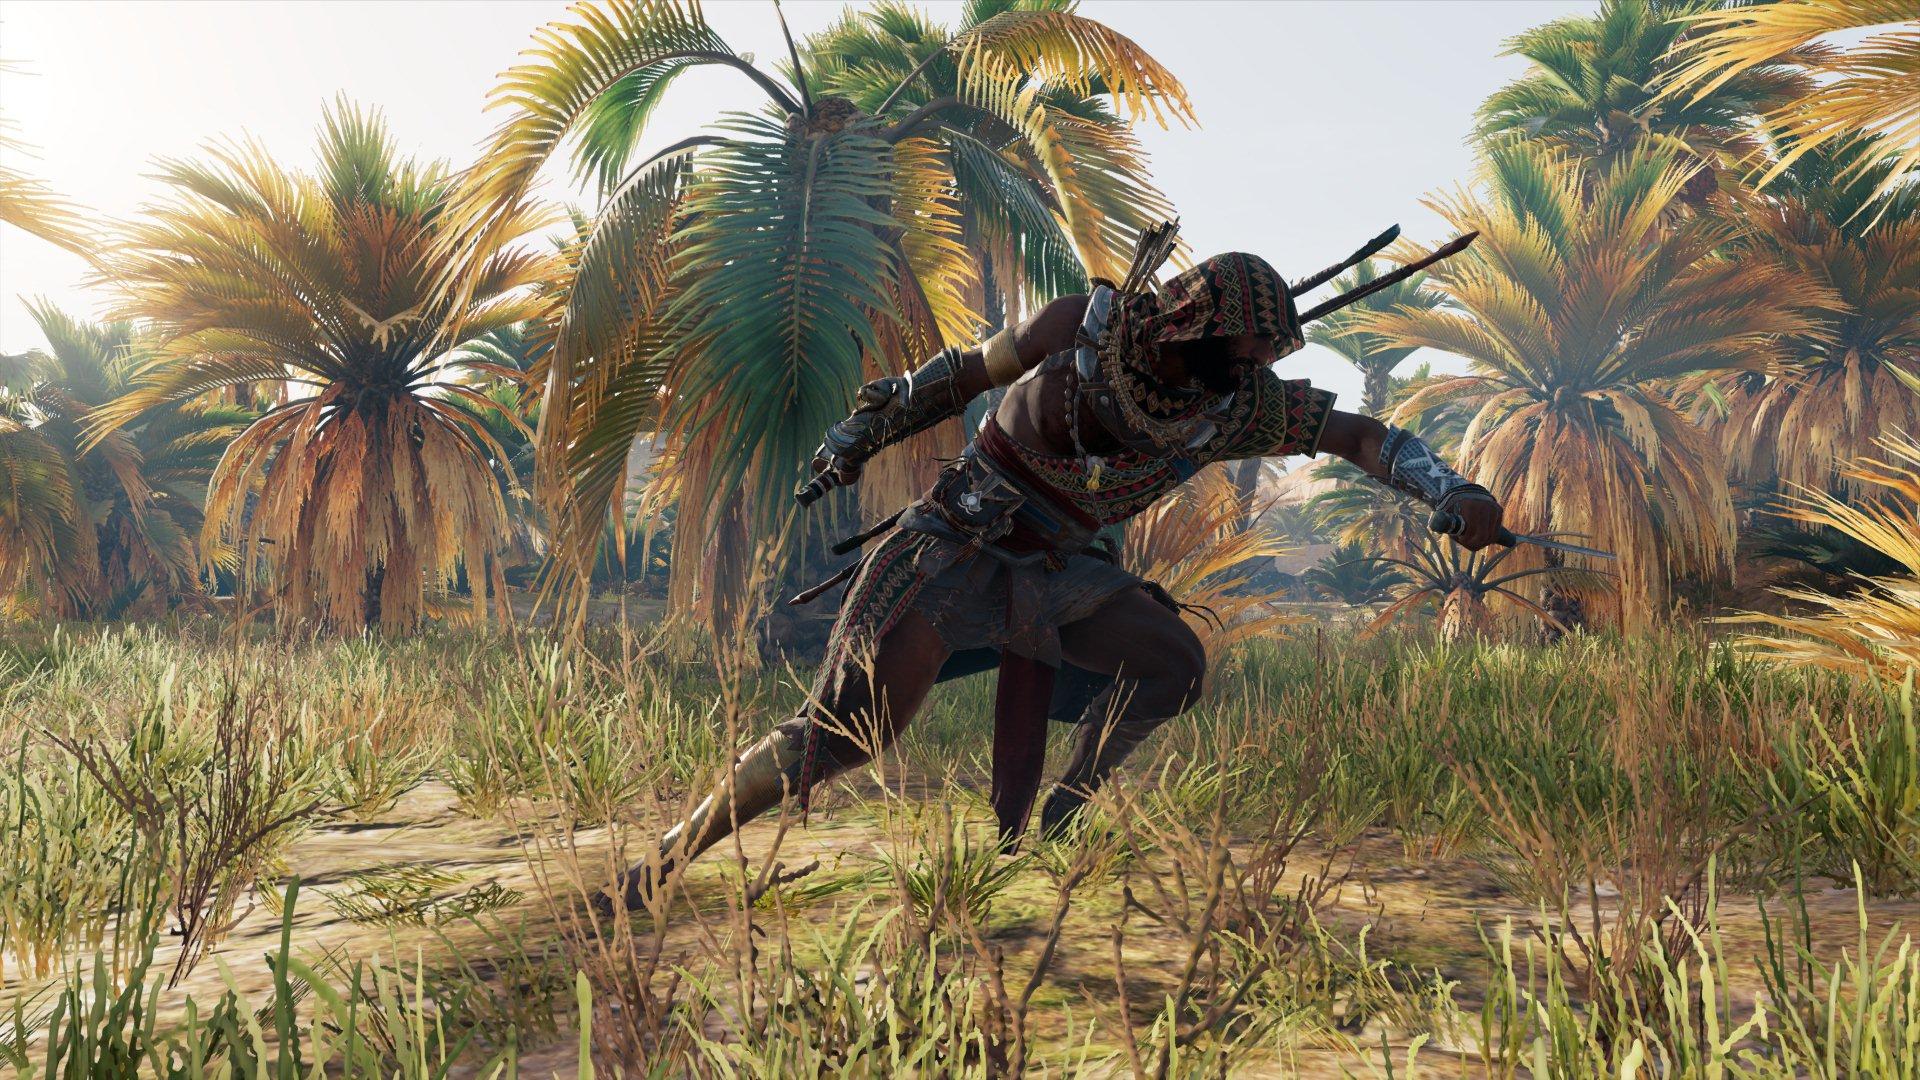 20180211001541.jpg - Assassin's Creed: Origins